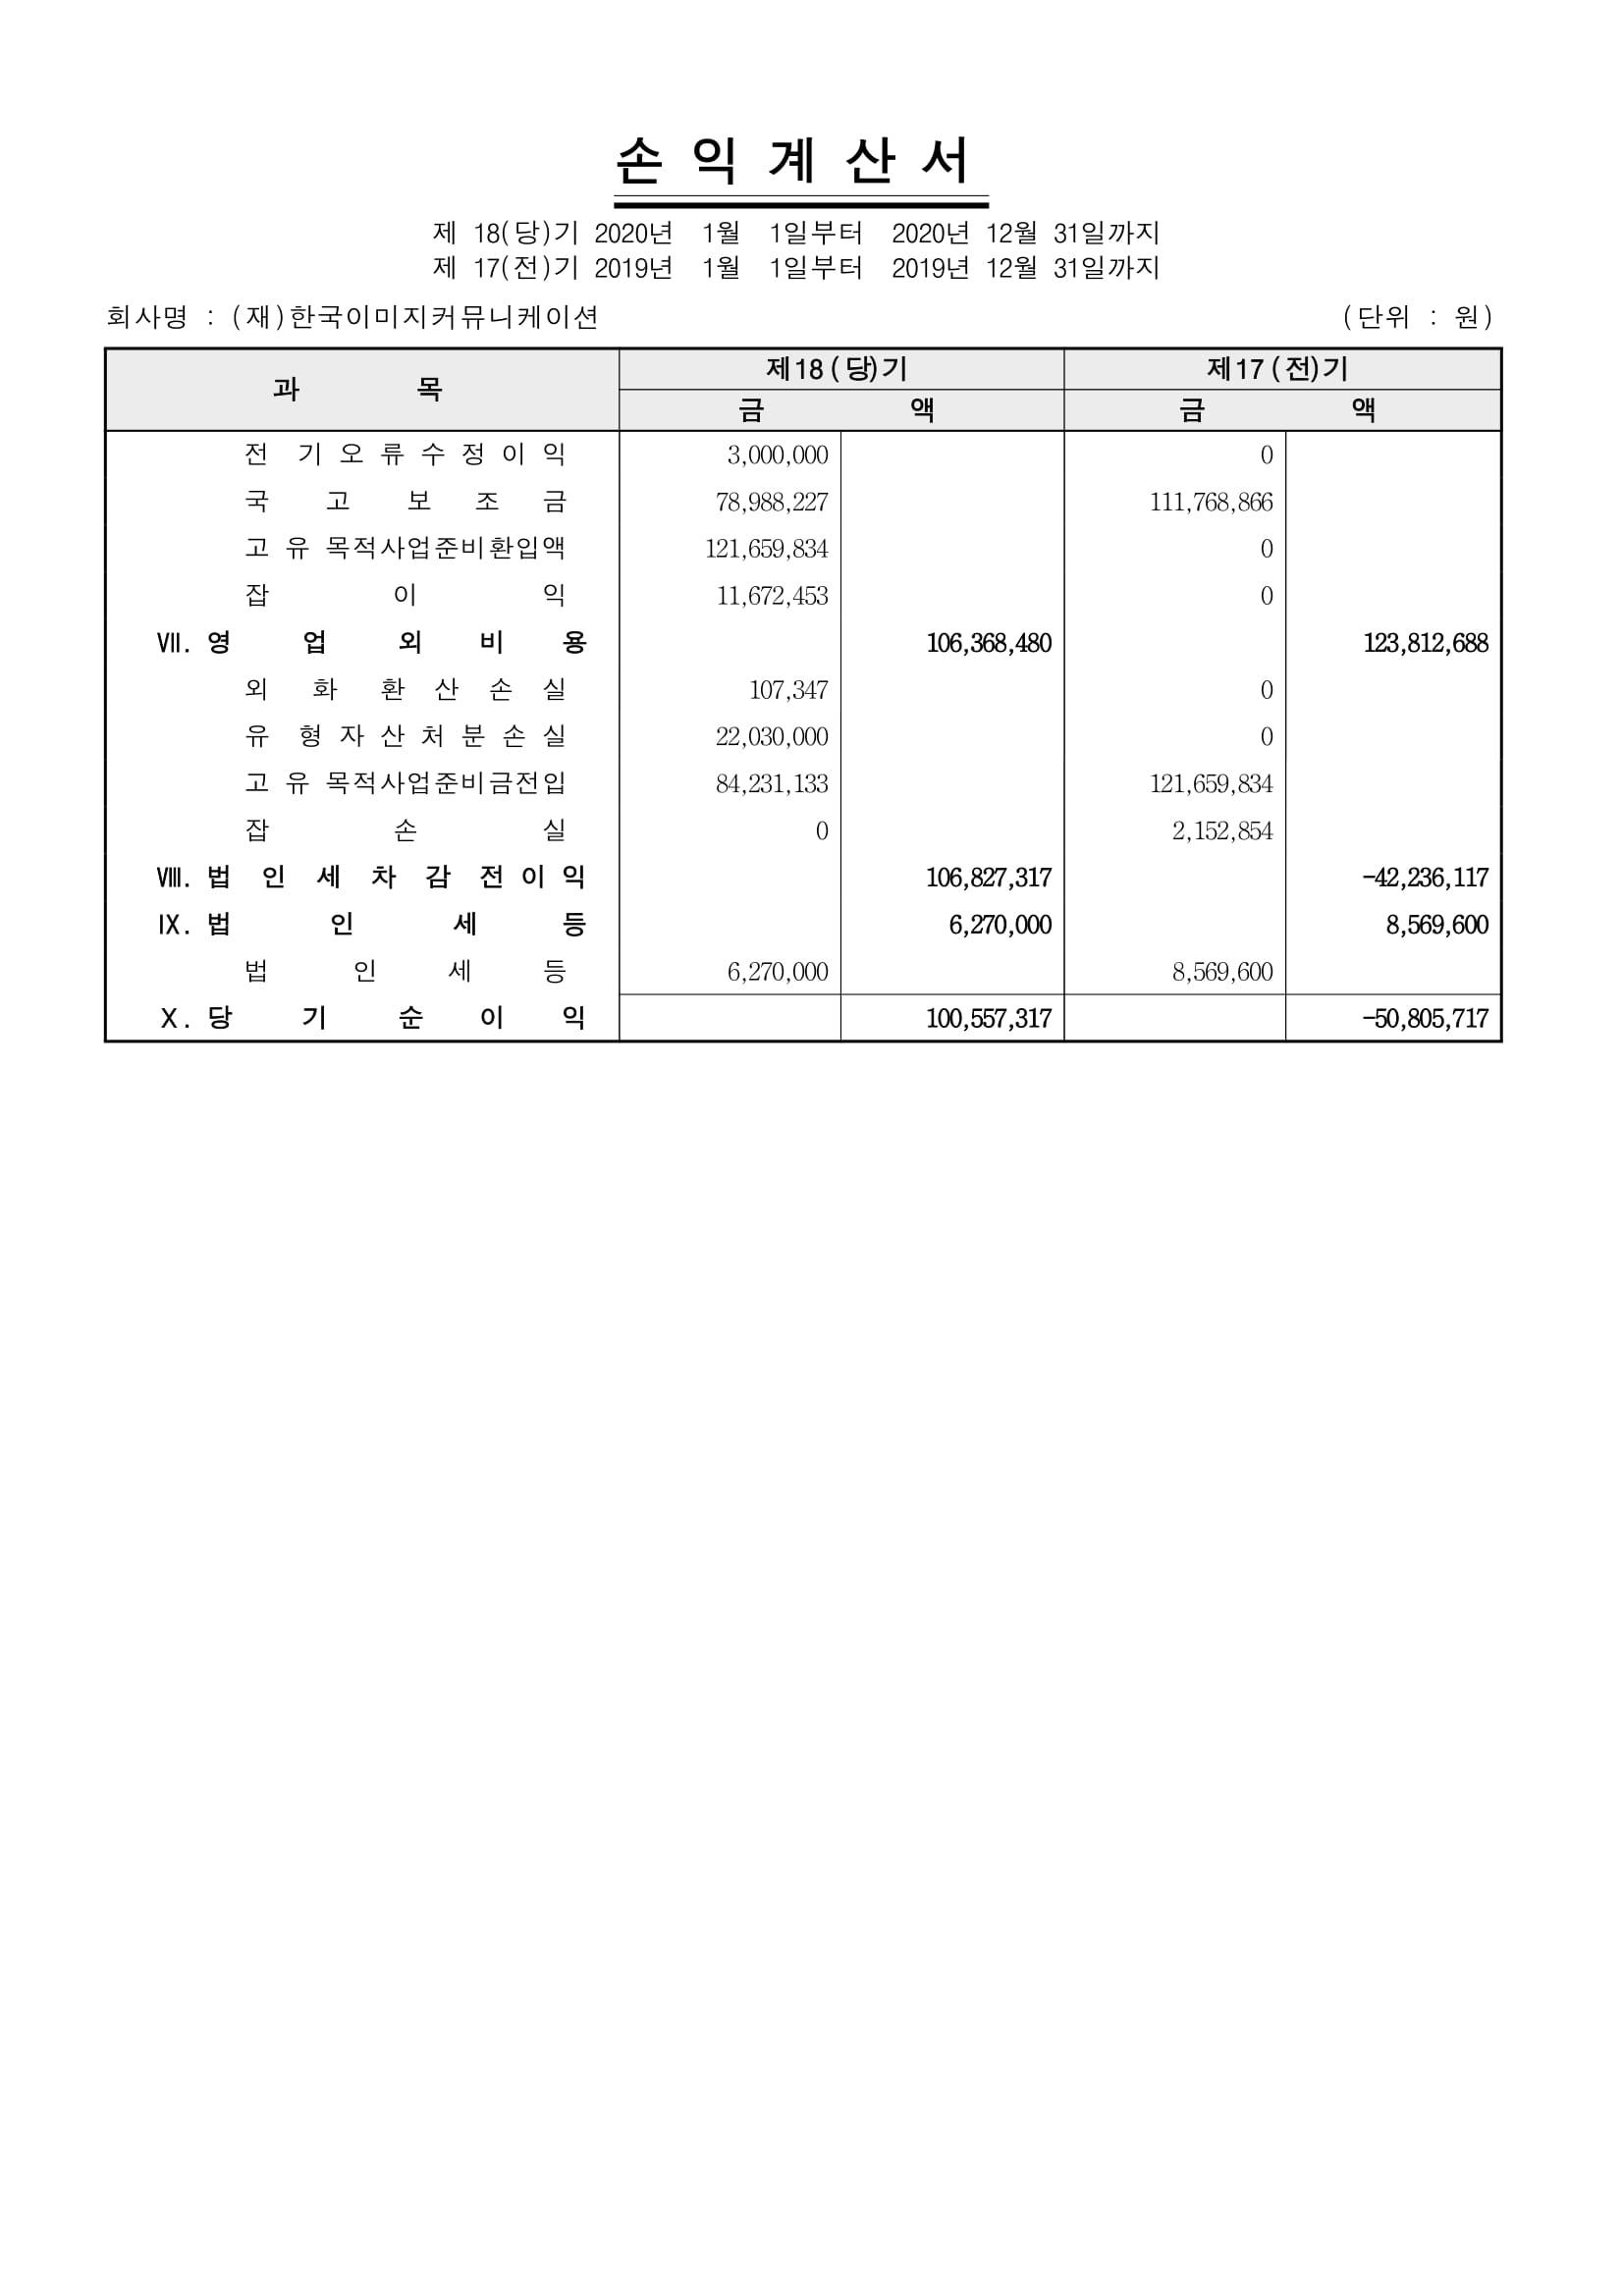 (재)한국이미지커뮤니케이션손익계산서2020년귀속-2.jpg